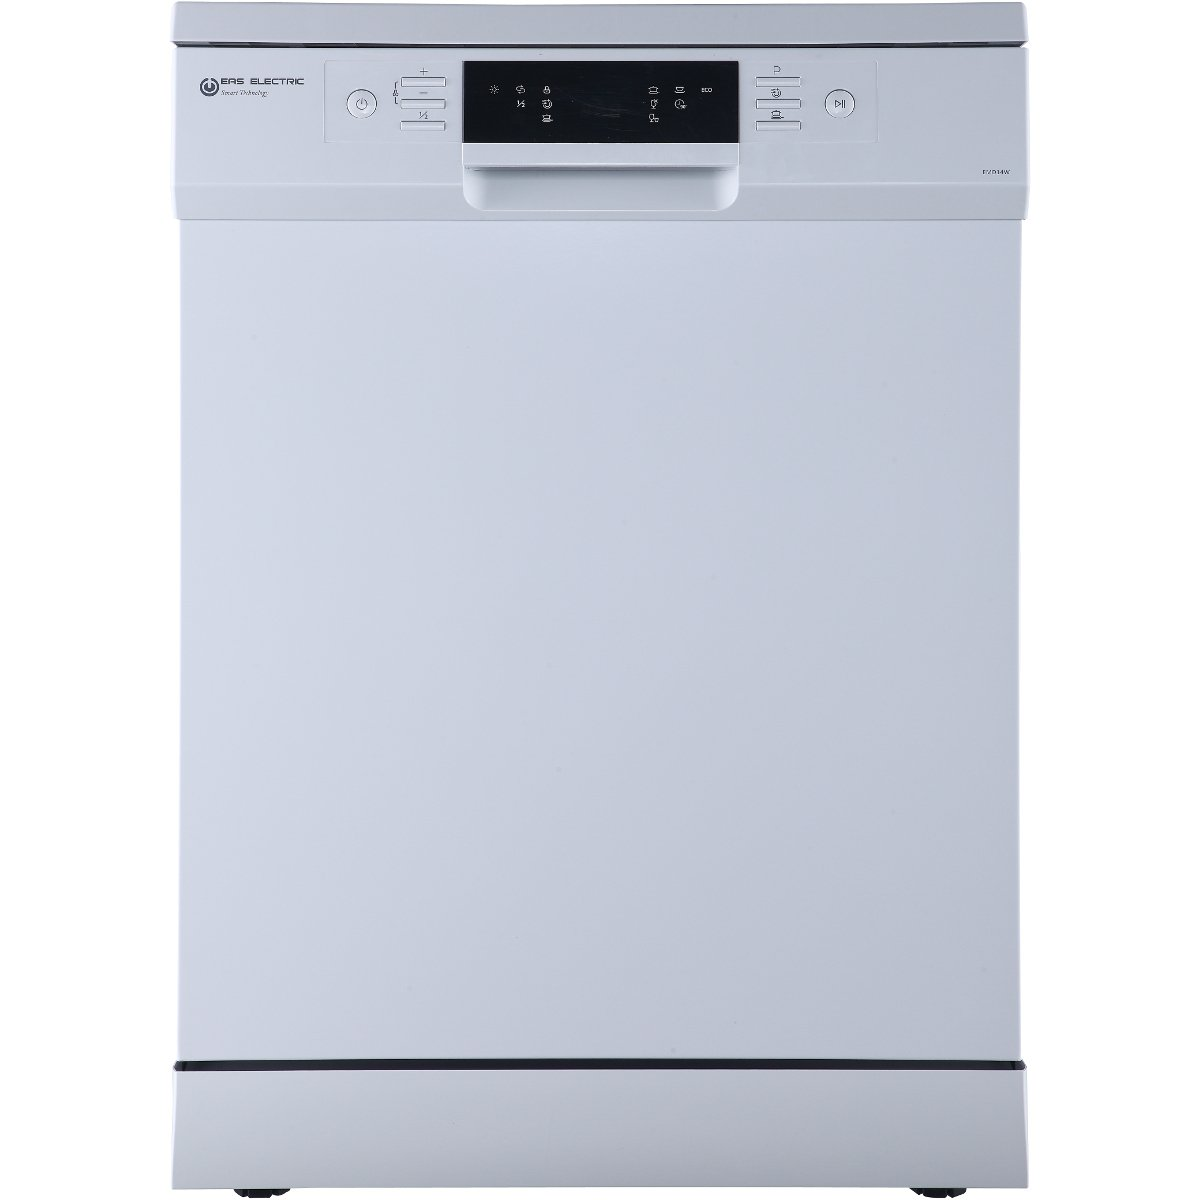 Lavavajillas Blanco Eas Electric EMD14W 60 cm 6 programas A++: ...